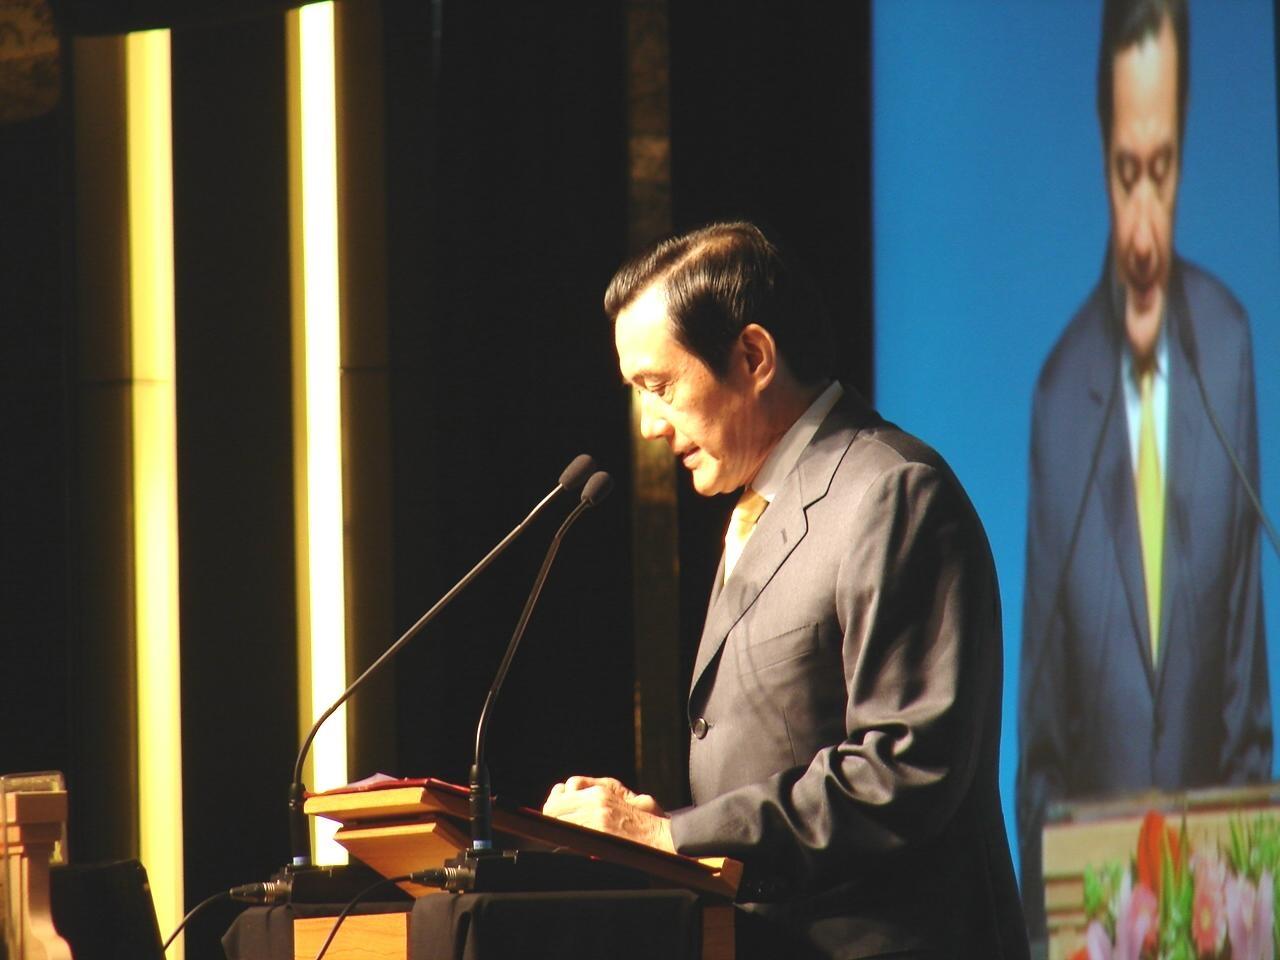 出席這項會議的總統馬英九表示,過去三年,台灣積極進行相關建設與改革,事實證明「開放導致興旺,閉鎖導致萎縮」,今後政府仍將秉持開放政策,持續...